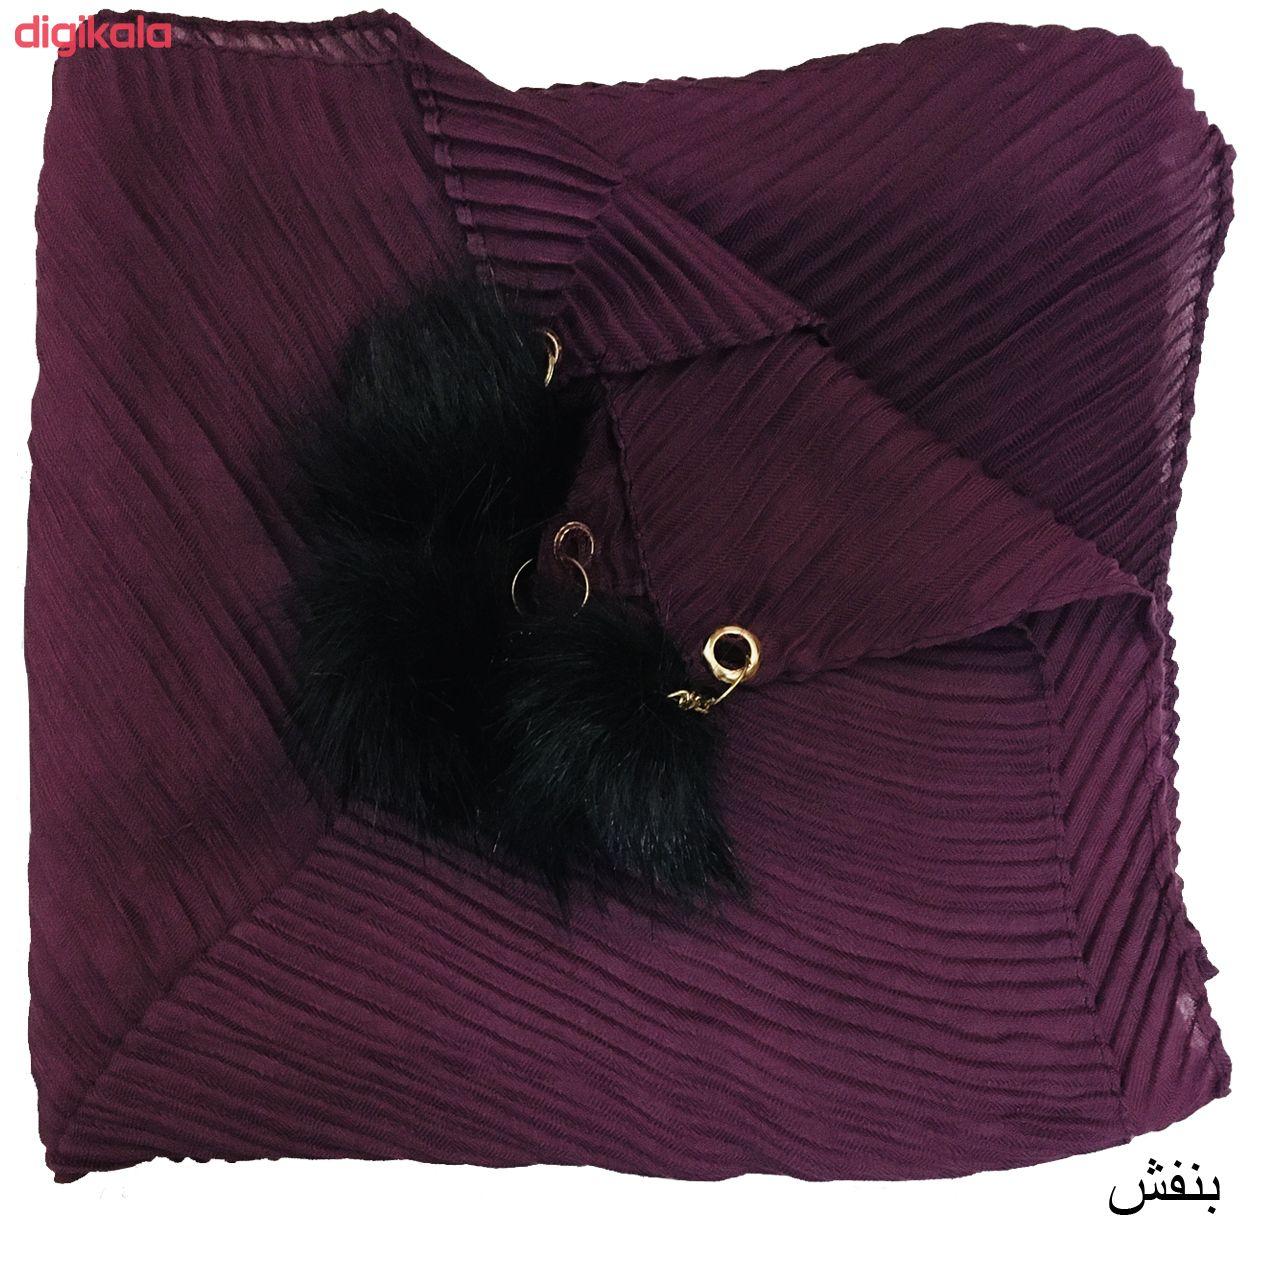 روسری زنانه کد 0206 main 1 5